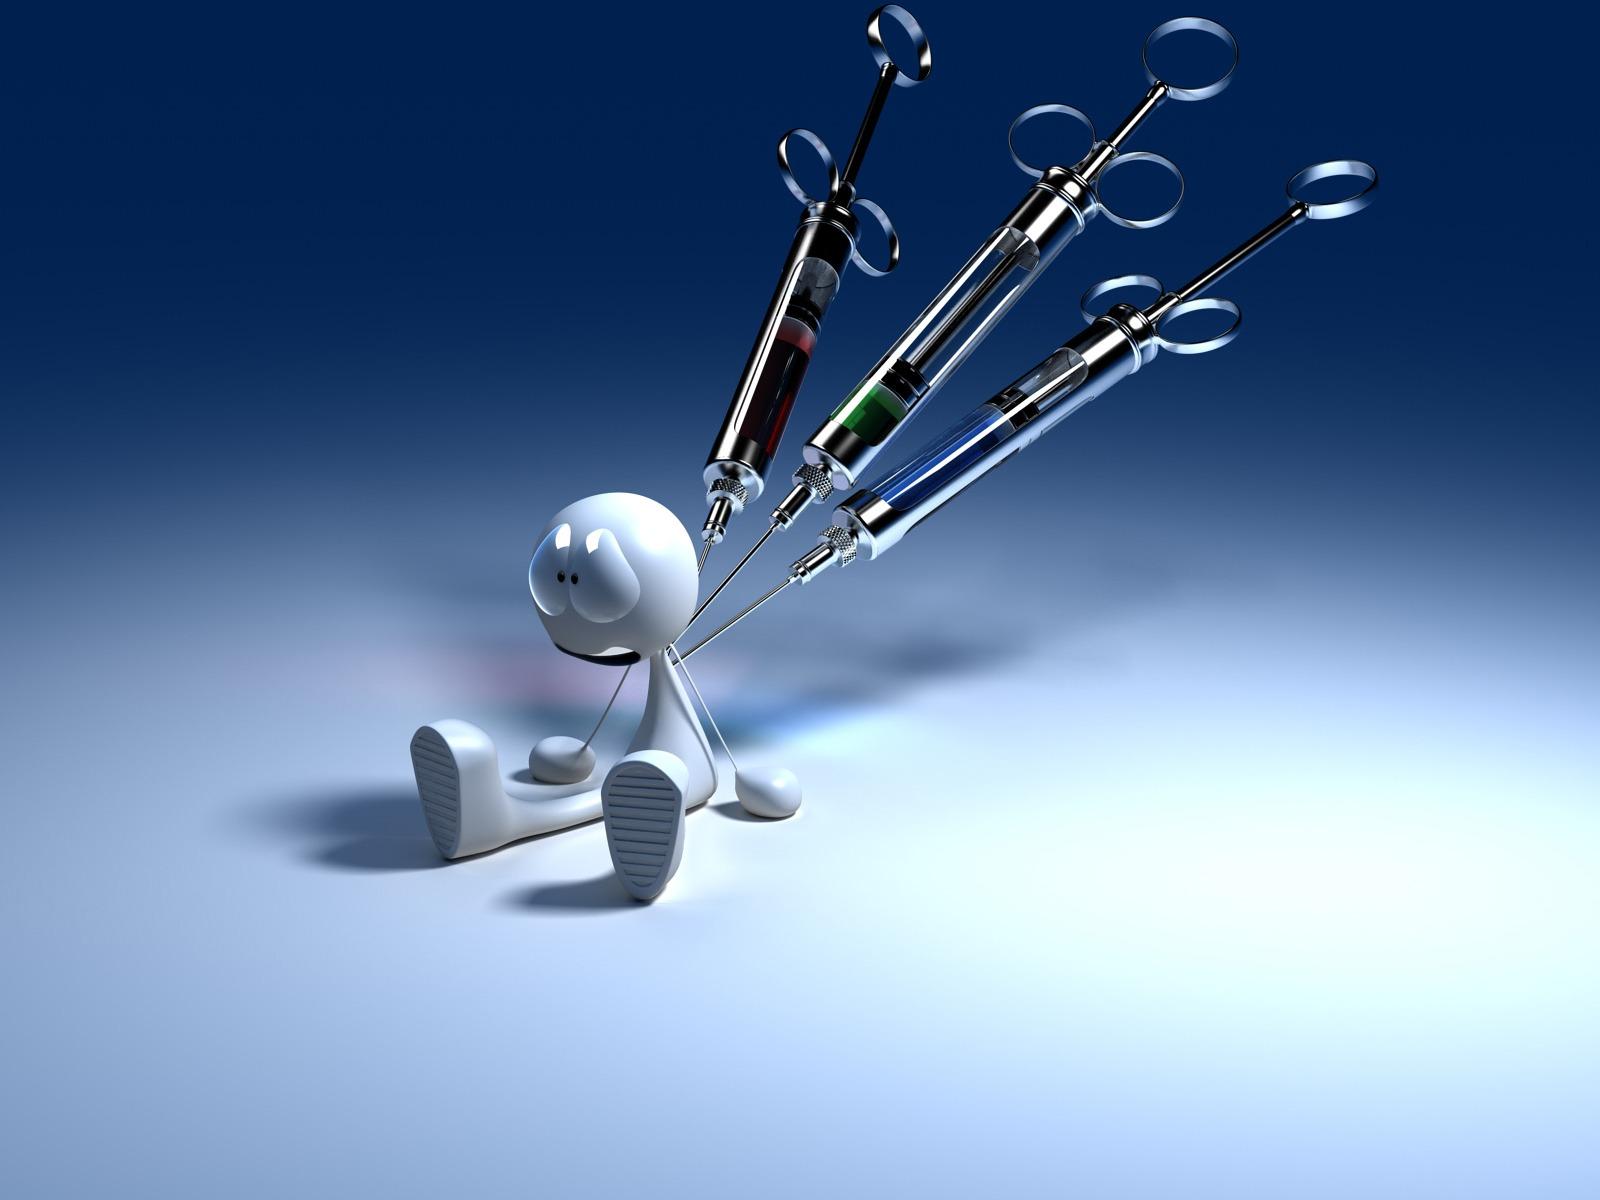 http://3.bp.blogspot.com/_LVjLA5HrQYM/TPz7A3sWoSI/AAAAAAAAAQ0/0R_xUcbcUBw/s1600/sick-robot-1600-1200-2563.jpg